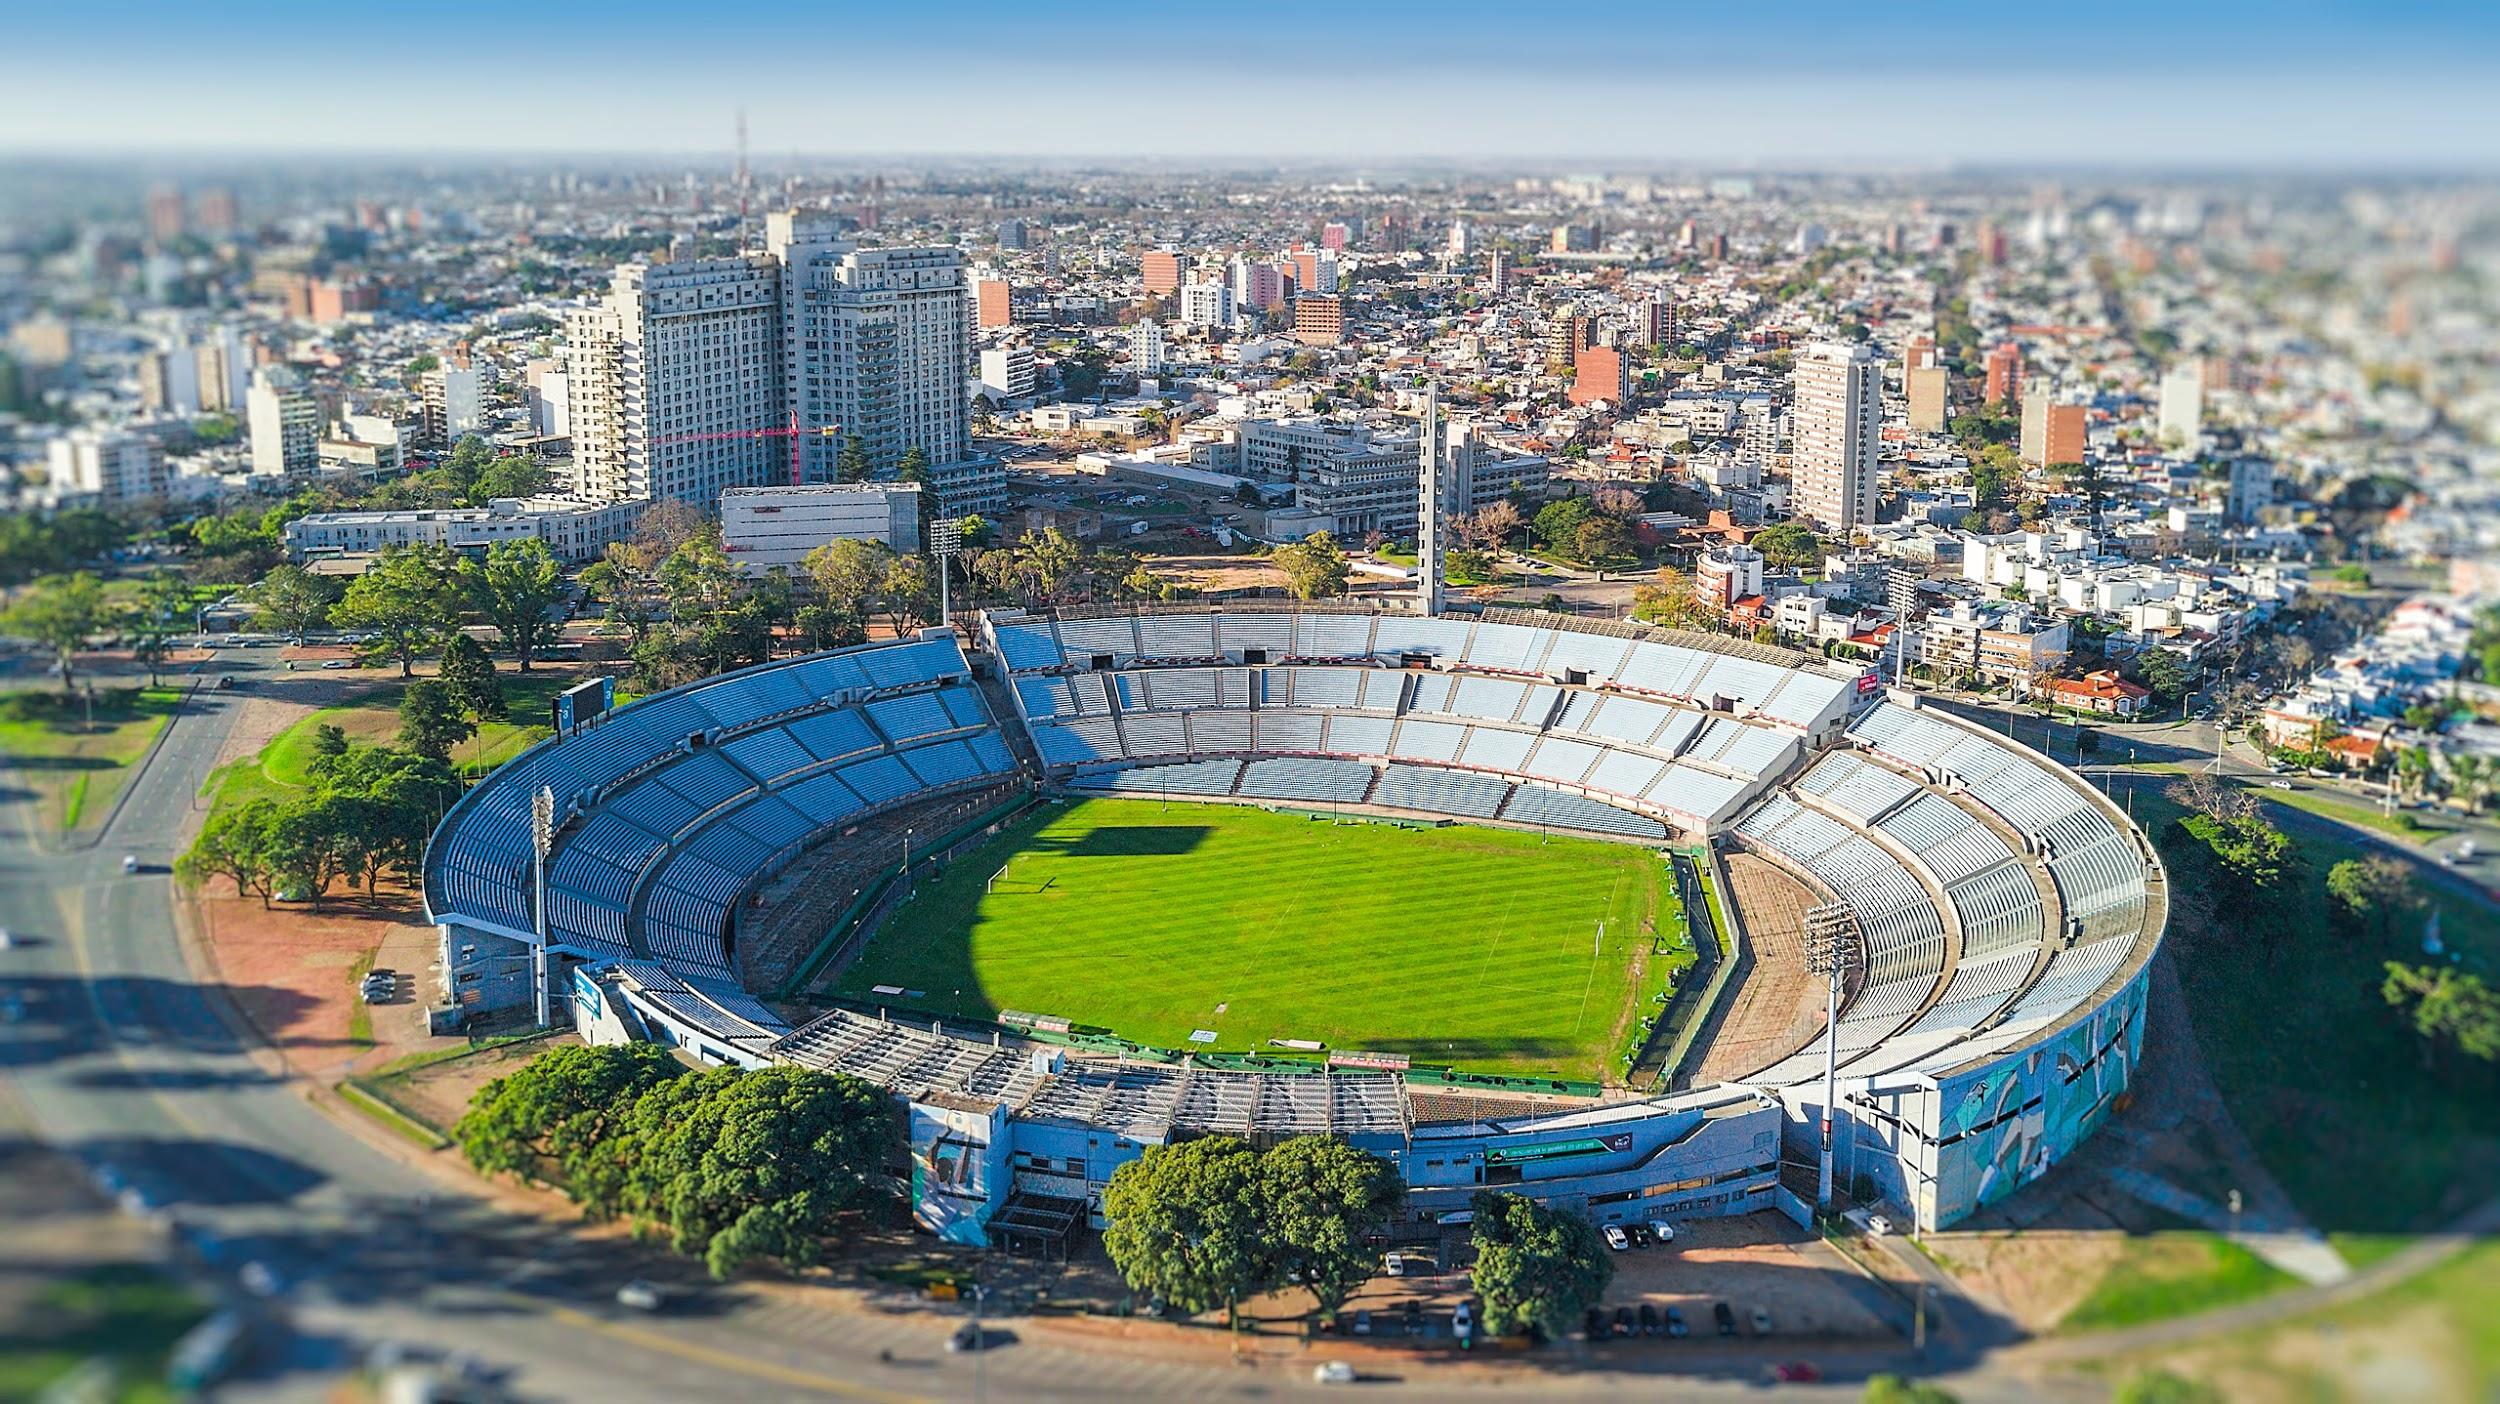 por-copa-de-2030-uruguai-pode-gastar-r-924-milhoes-em-reforma-do-centenario-Futebol-Latino-25-07